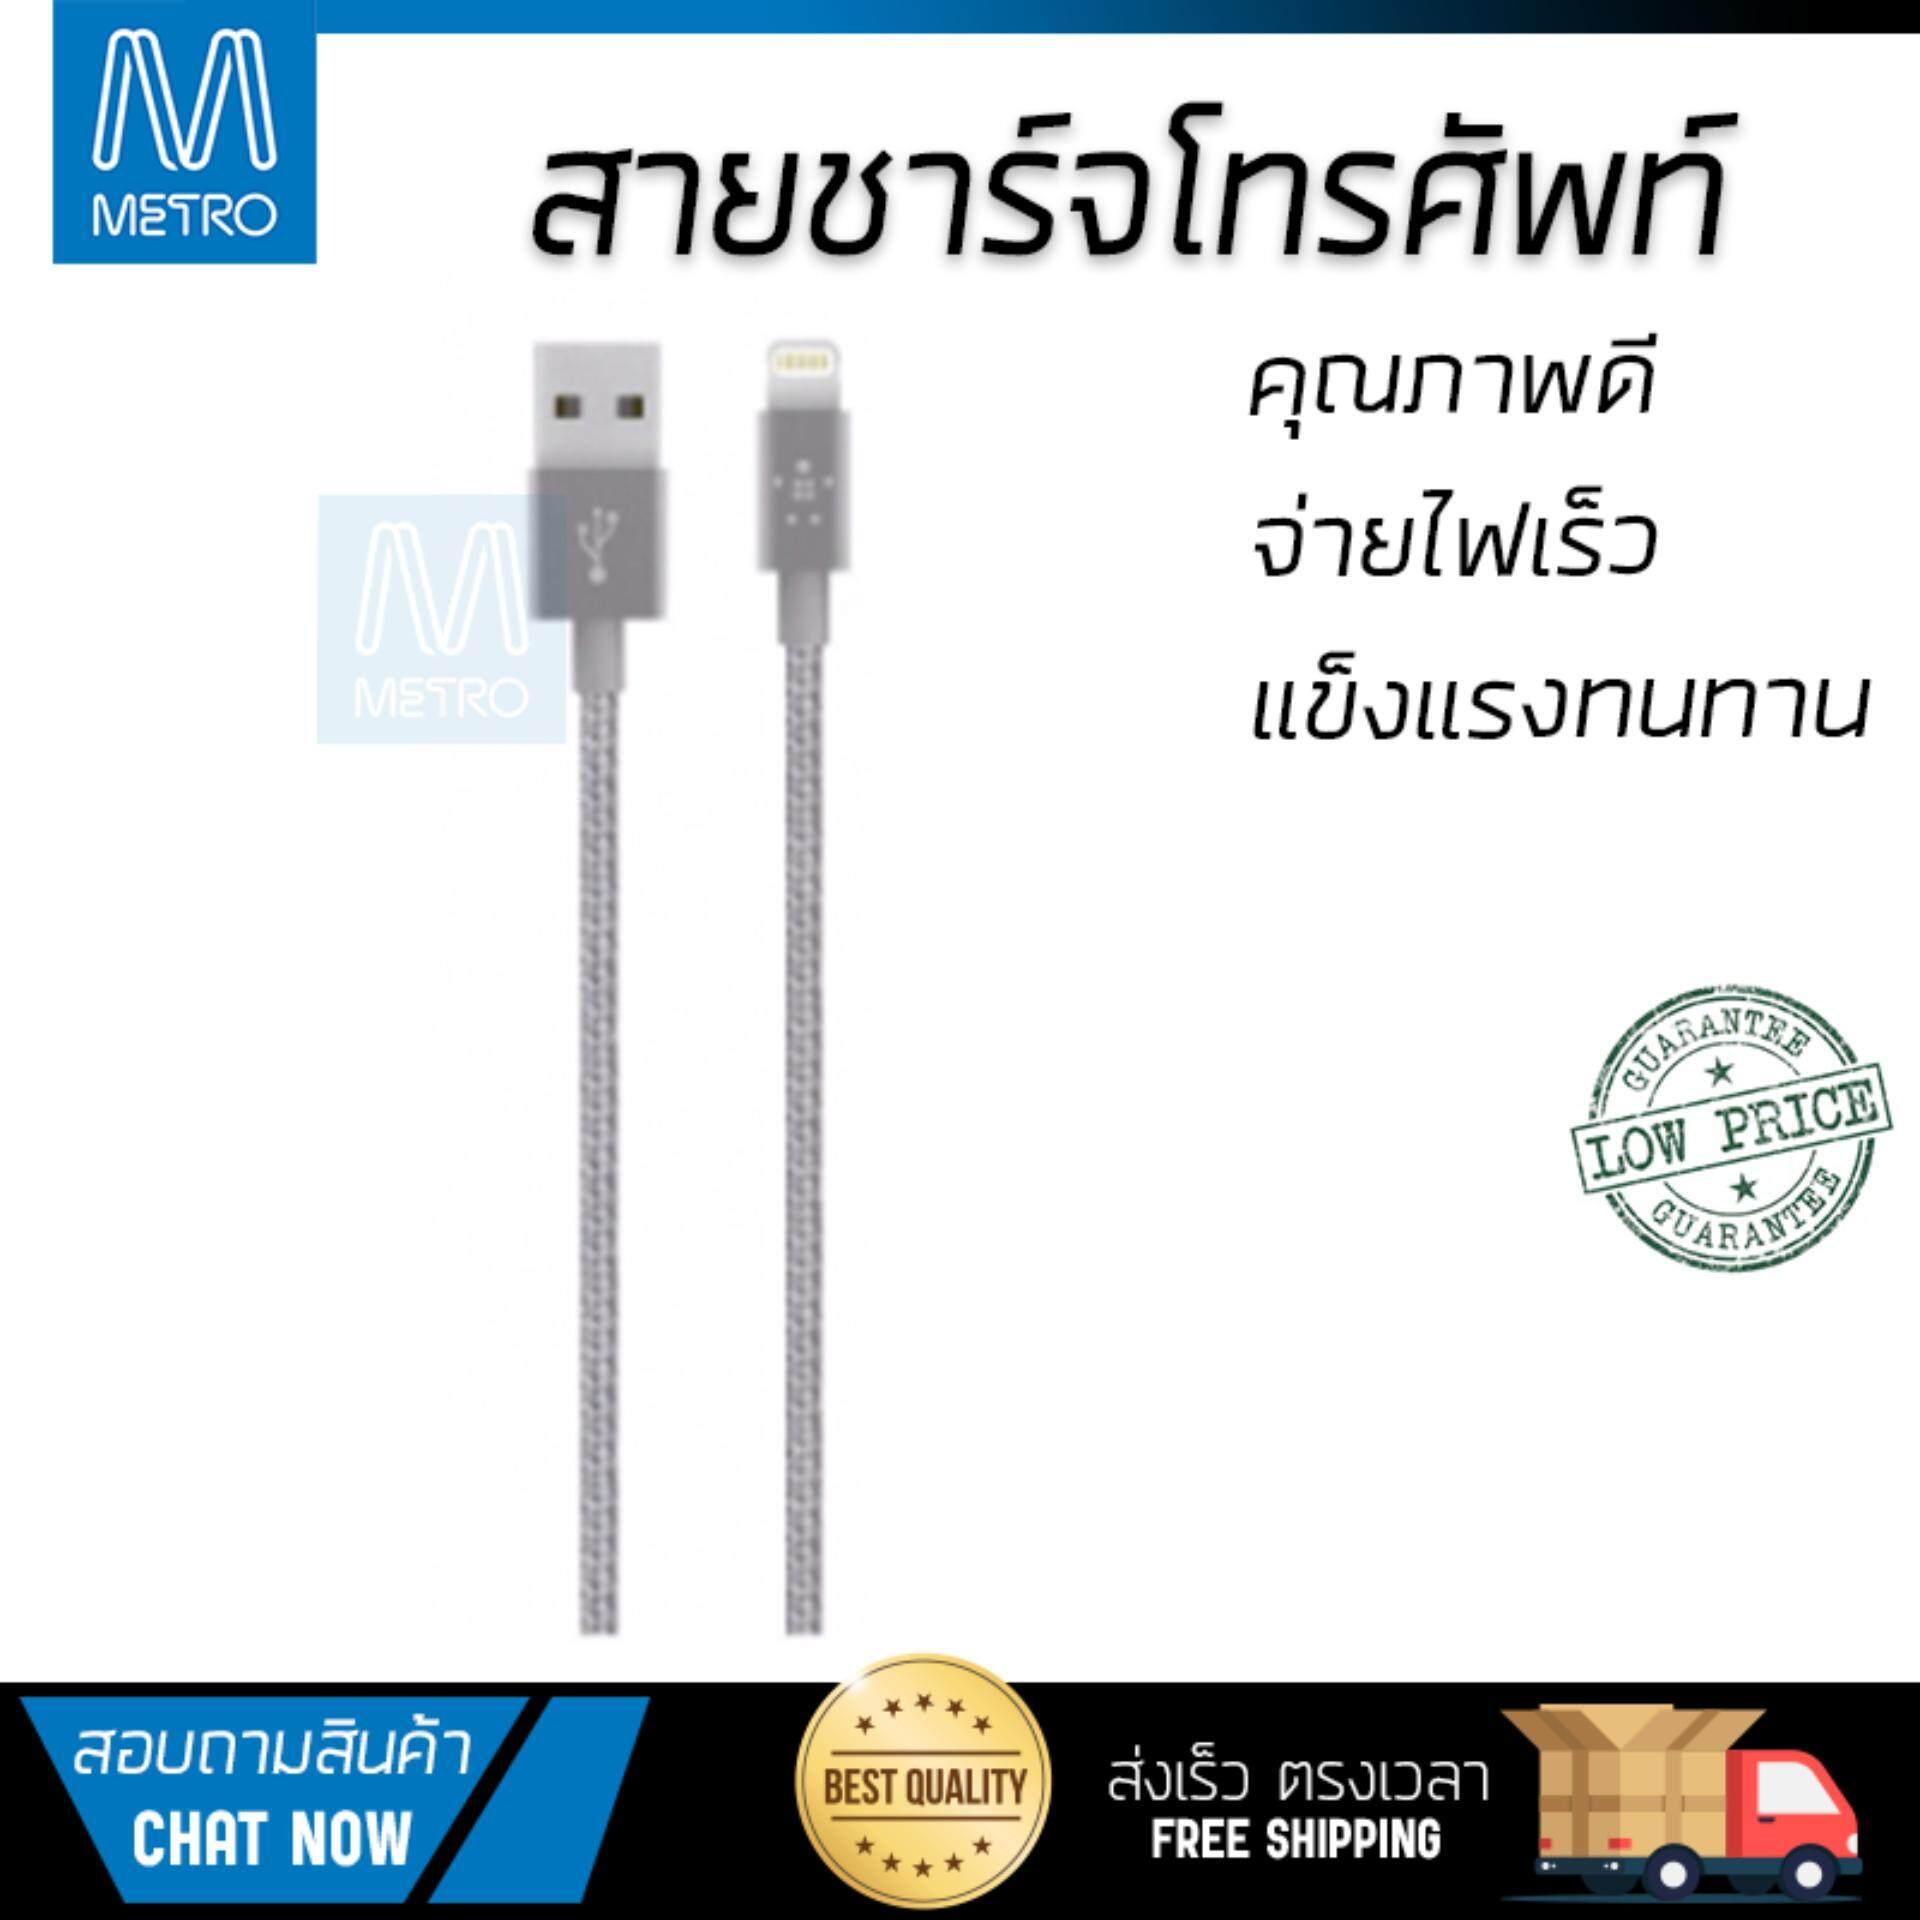 สุดยอดสินค้า!! ราคาพิเศษ รุ่นยอดนิยม สายชาร์จโทรศัพท์ Belkin MixIT Metallic Lightning Cable 1.2M. Gray (F8J144bt04-SLV) สายชาร์จทนทาน แข็งแรง จ่ายไฟเร็ว Mobile Cable จัดส่งฟรี Kerry ทั่วประเทศ